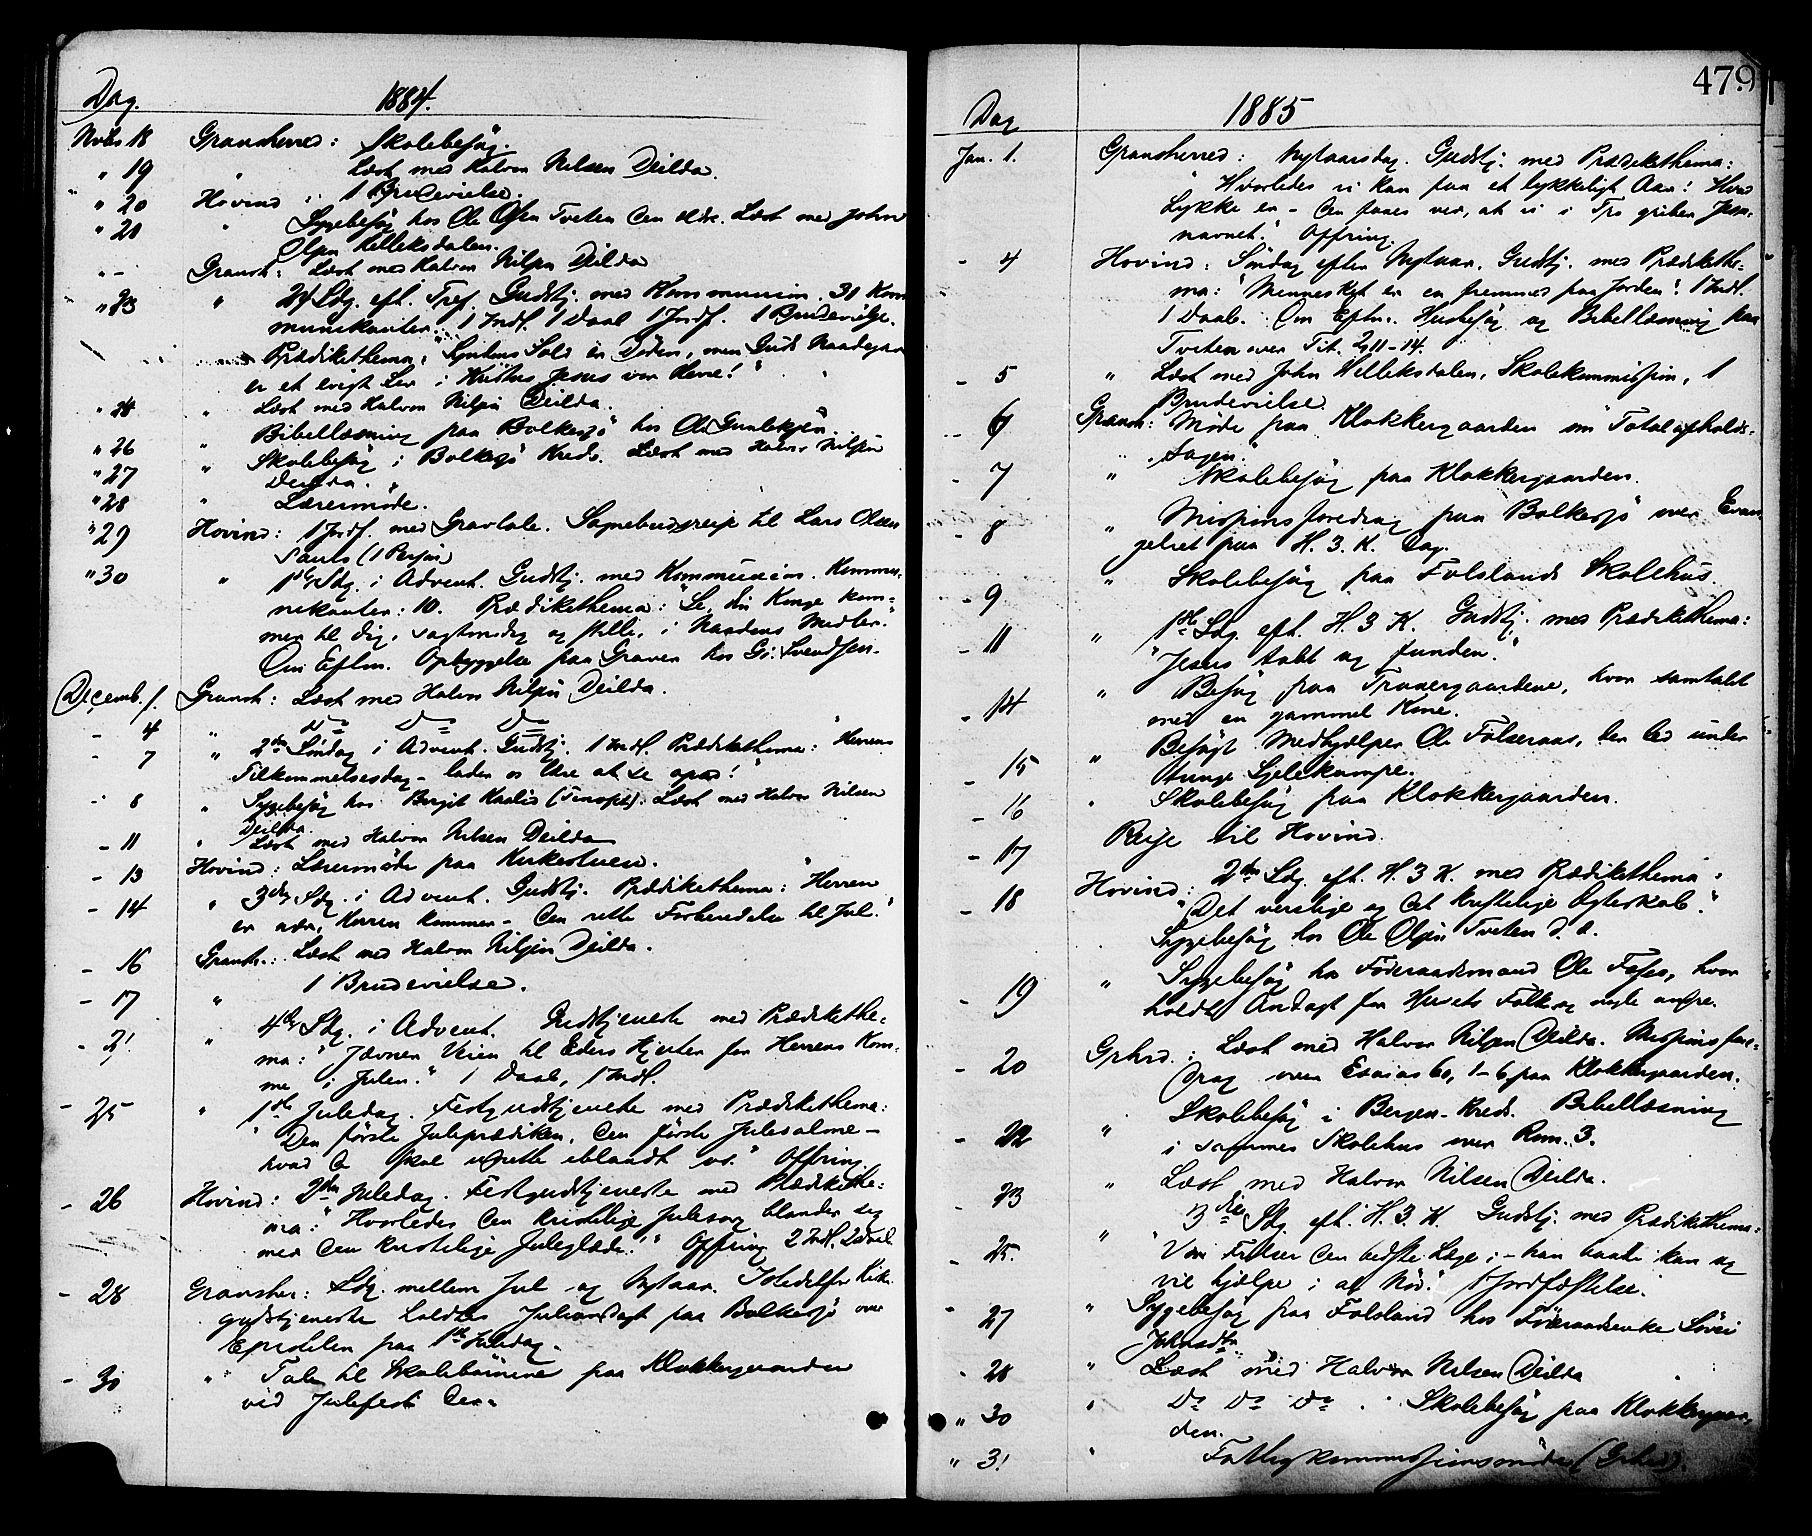 SAKO, Gransherad kirkebøker, F/Fa/L0004: Ministerialbok nr. I 4, 1871-1886, s. 479